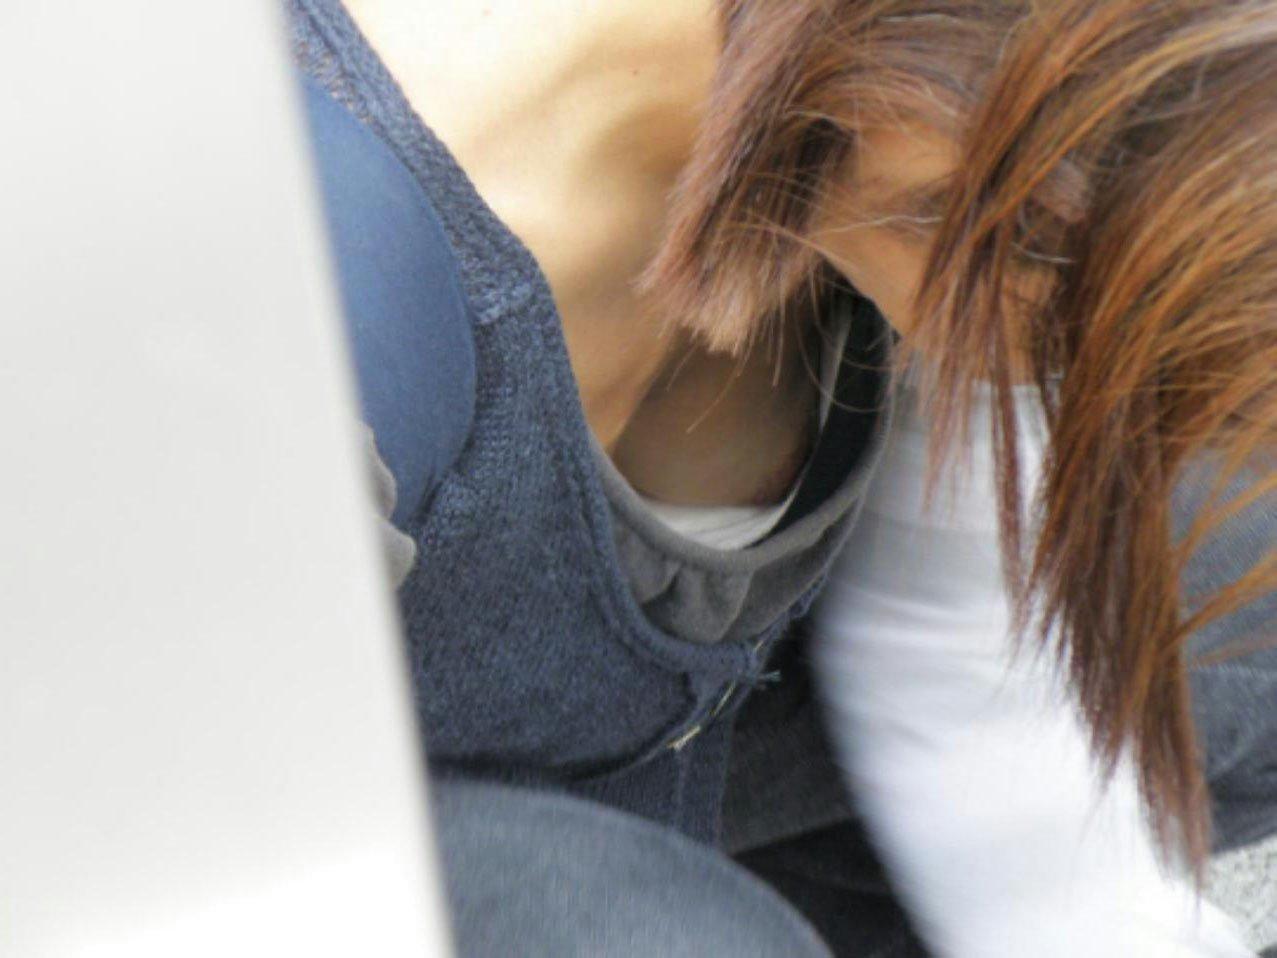 前屈み女性の胸チラ (5)